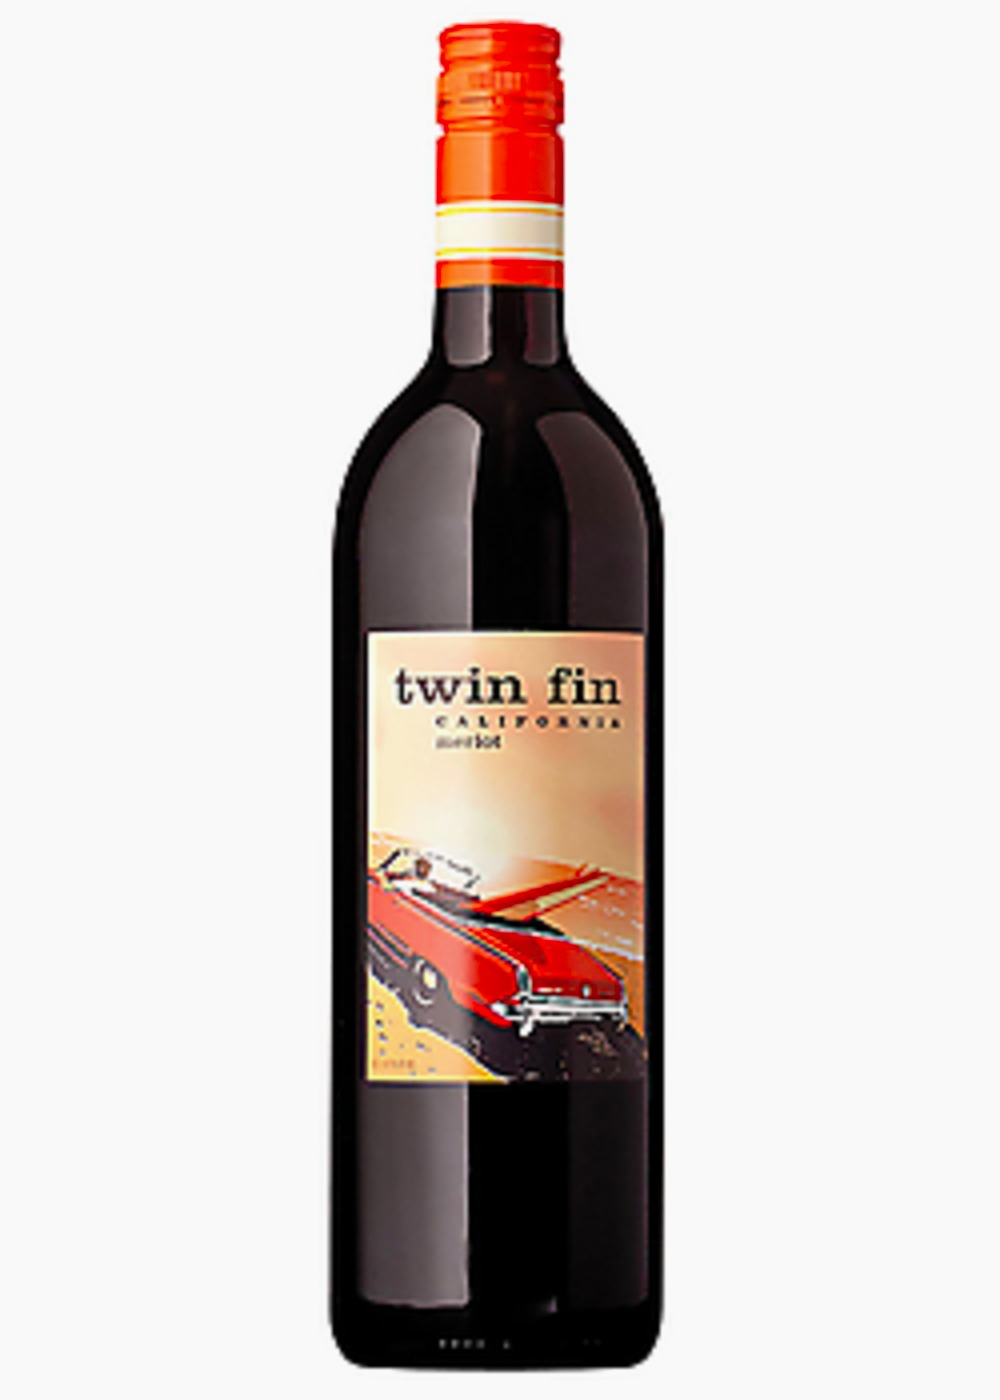 Twin Fin wine